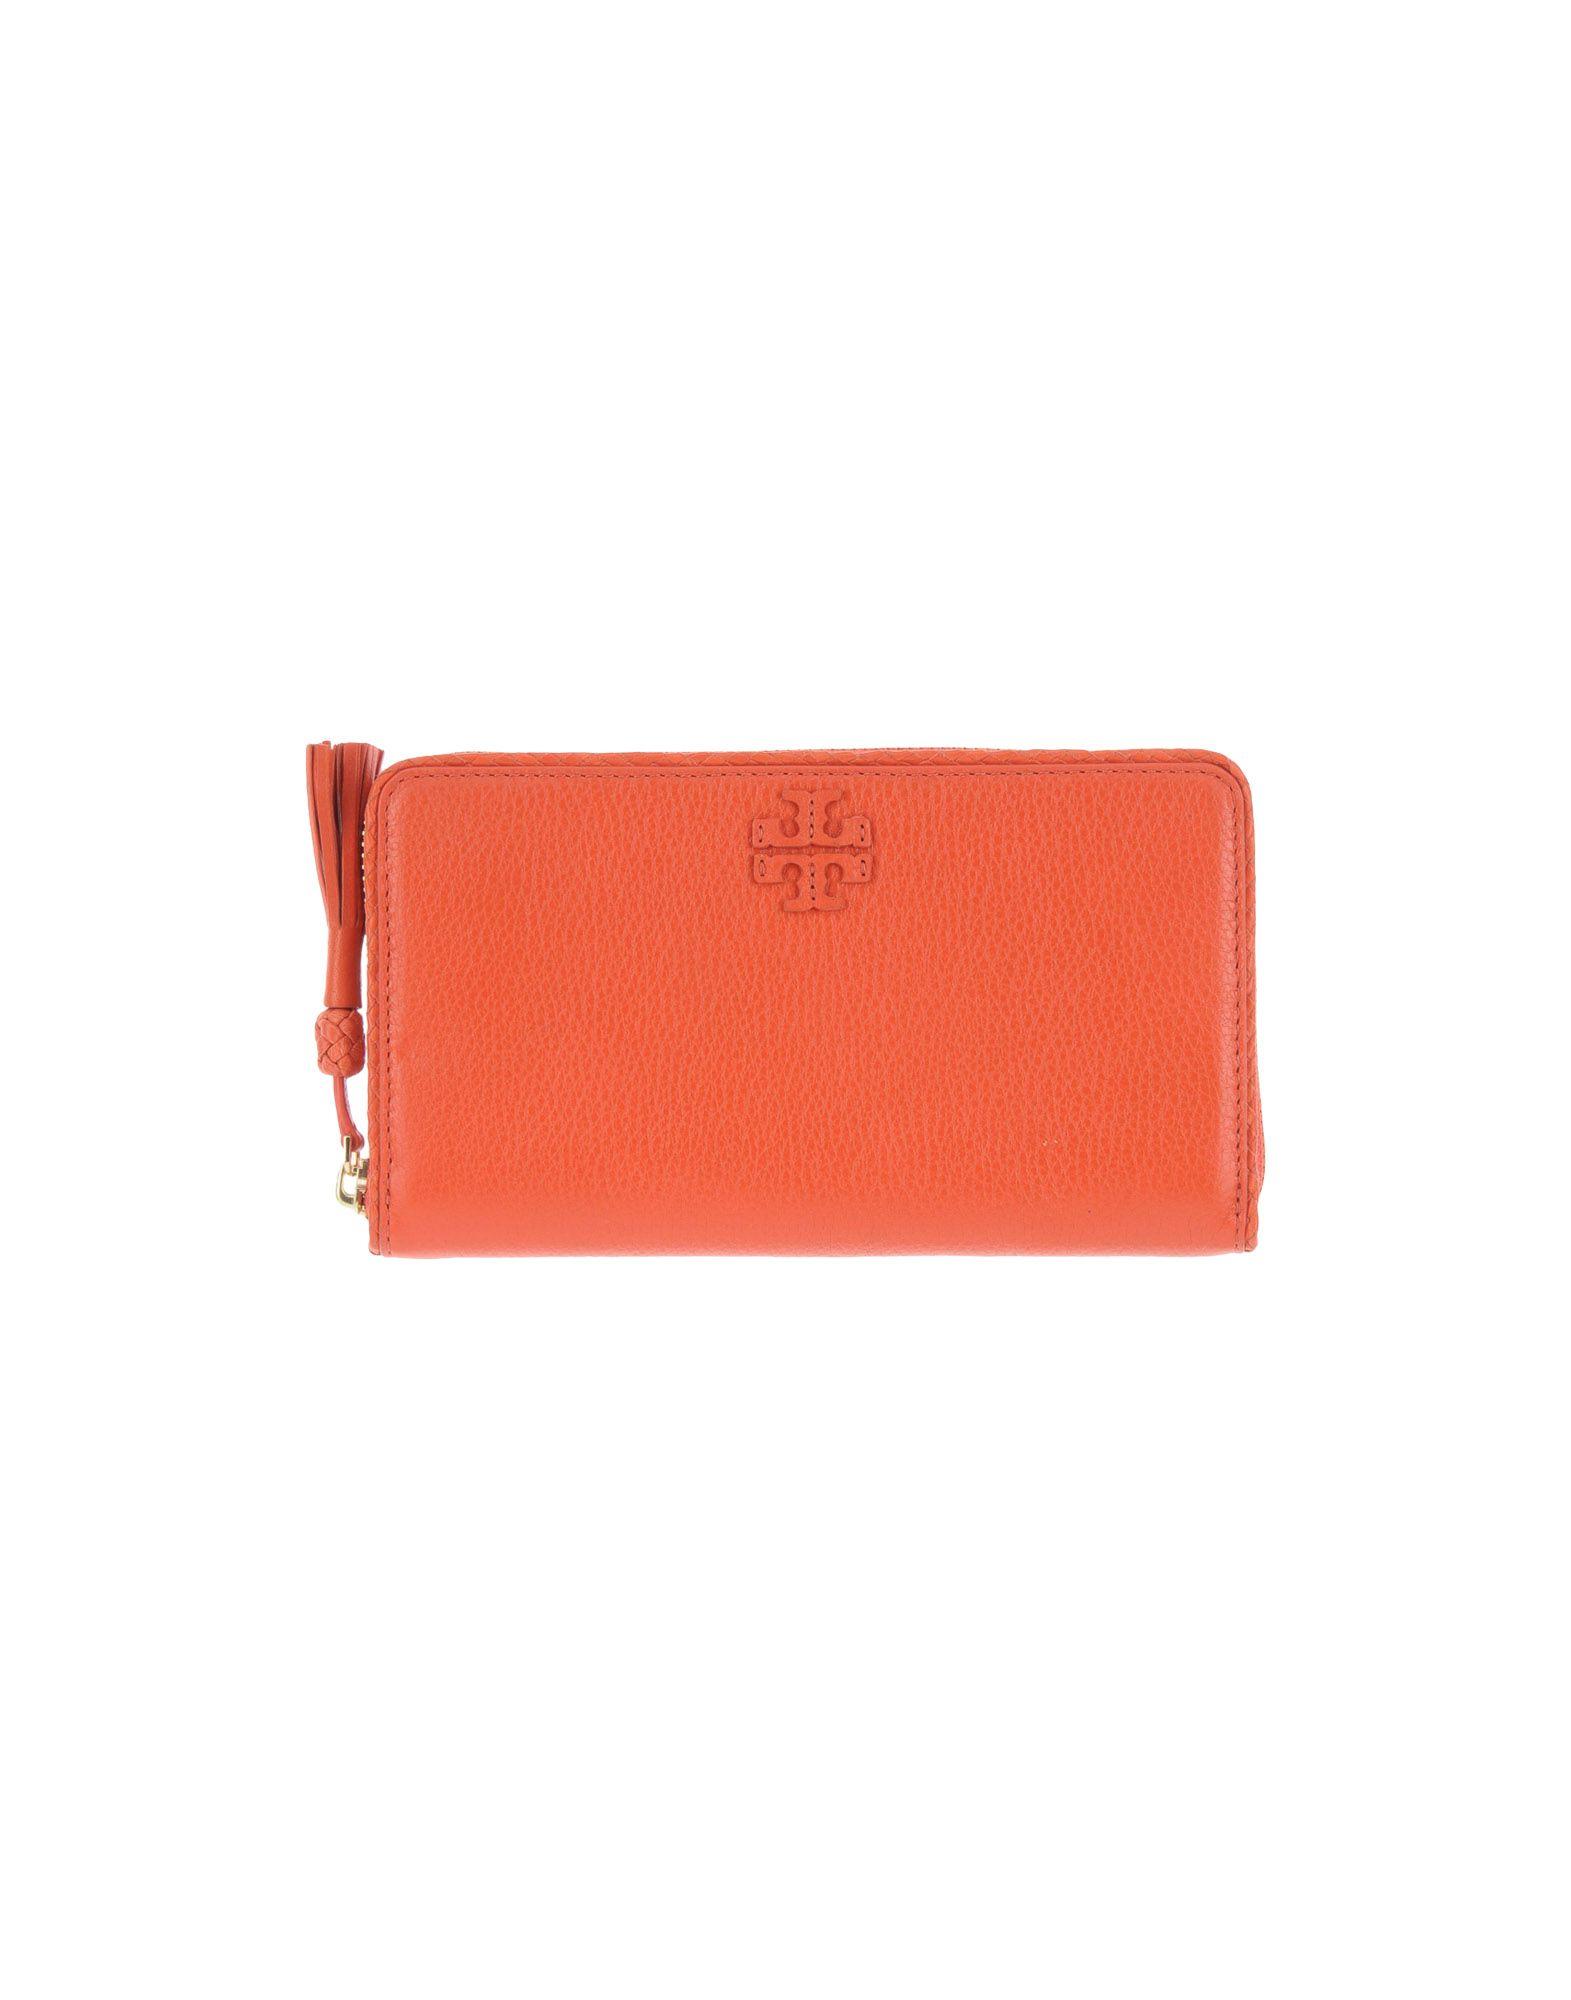 《送料無料》TORY BURCH レディース 財布 オレンジ 革